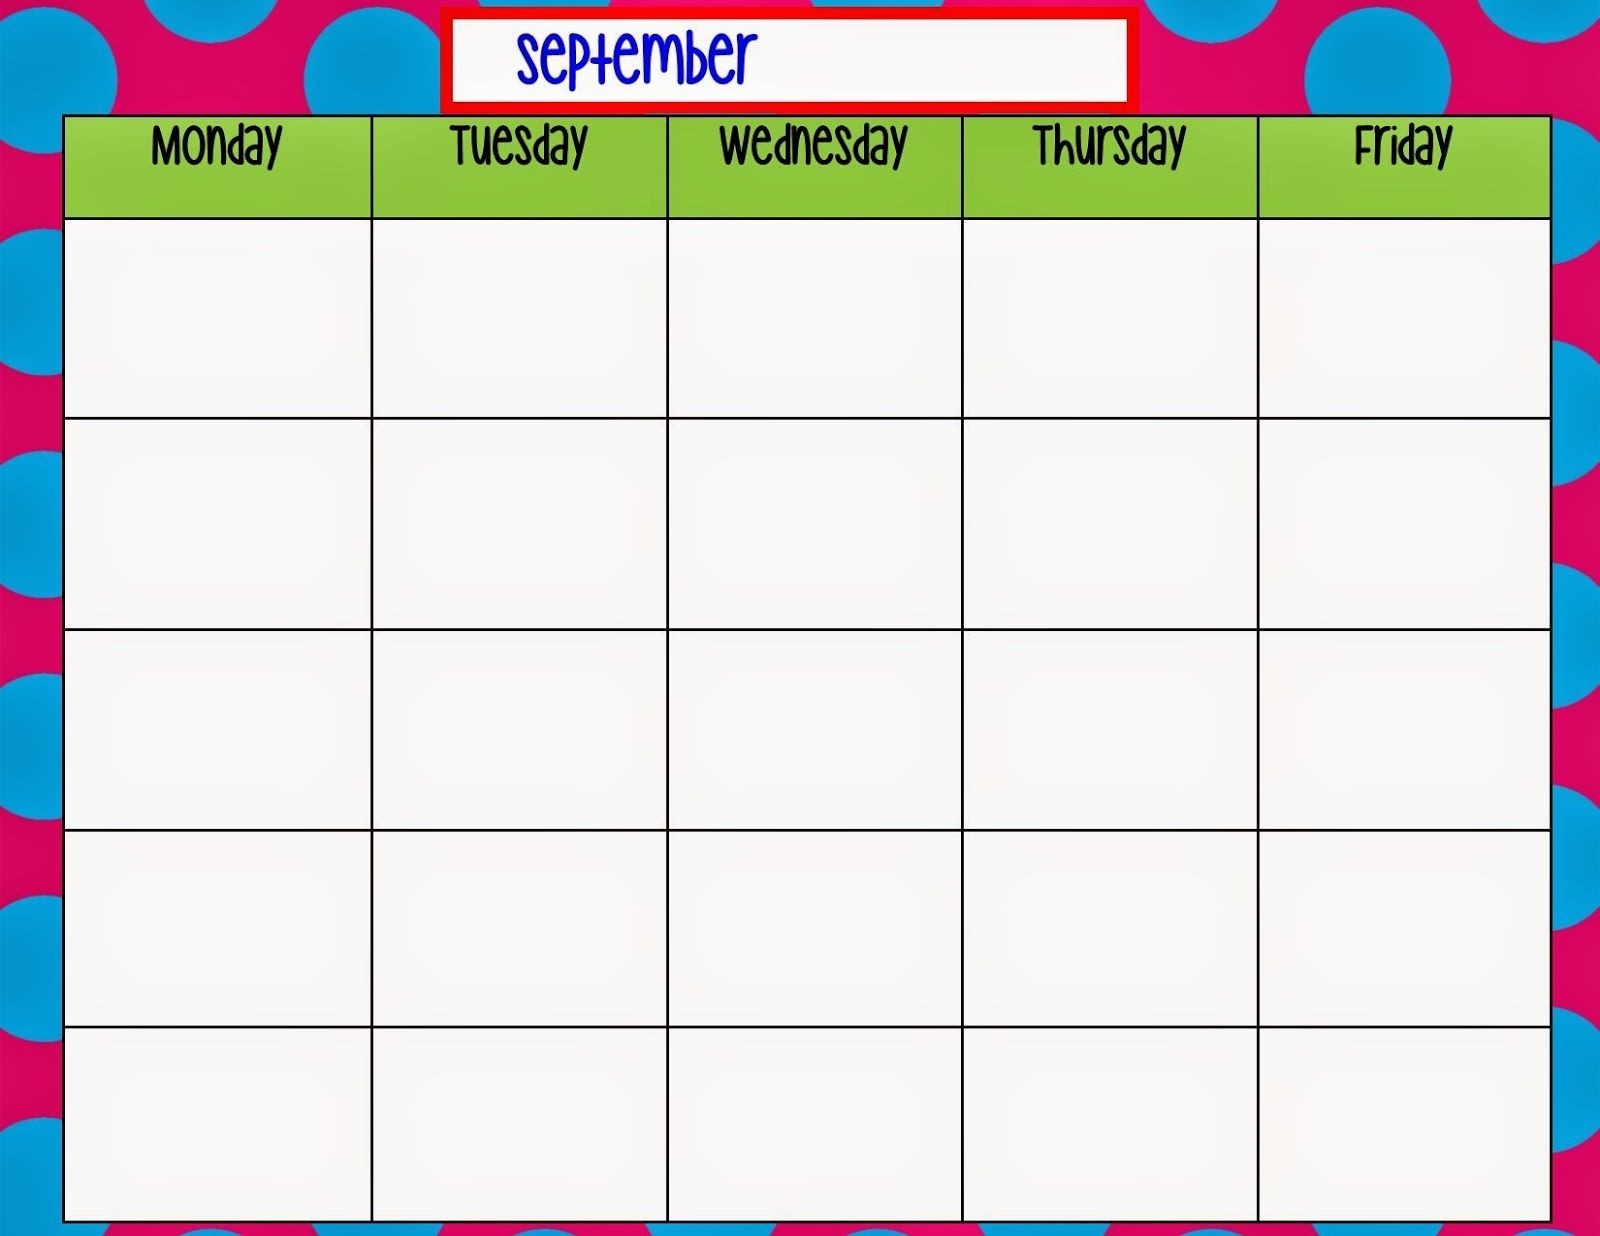 Monday Through Friday Calendar Template | Preschool | Weekly-Blank Monday Through Friday Template